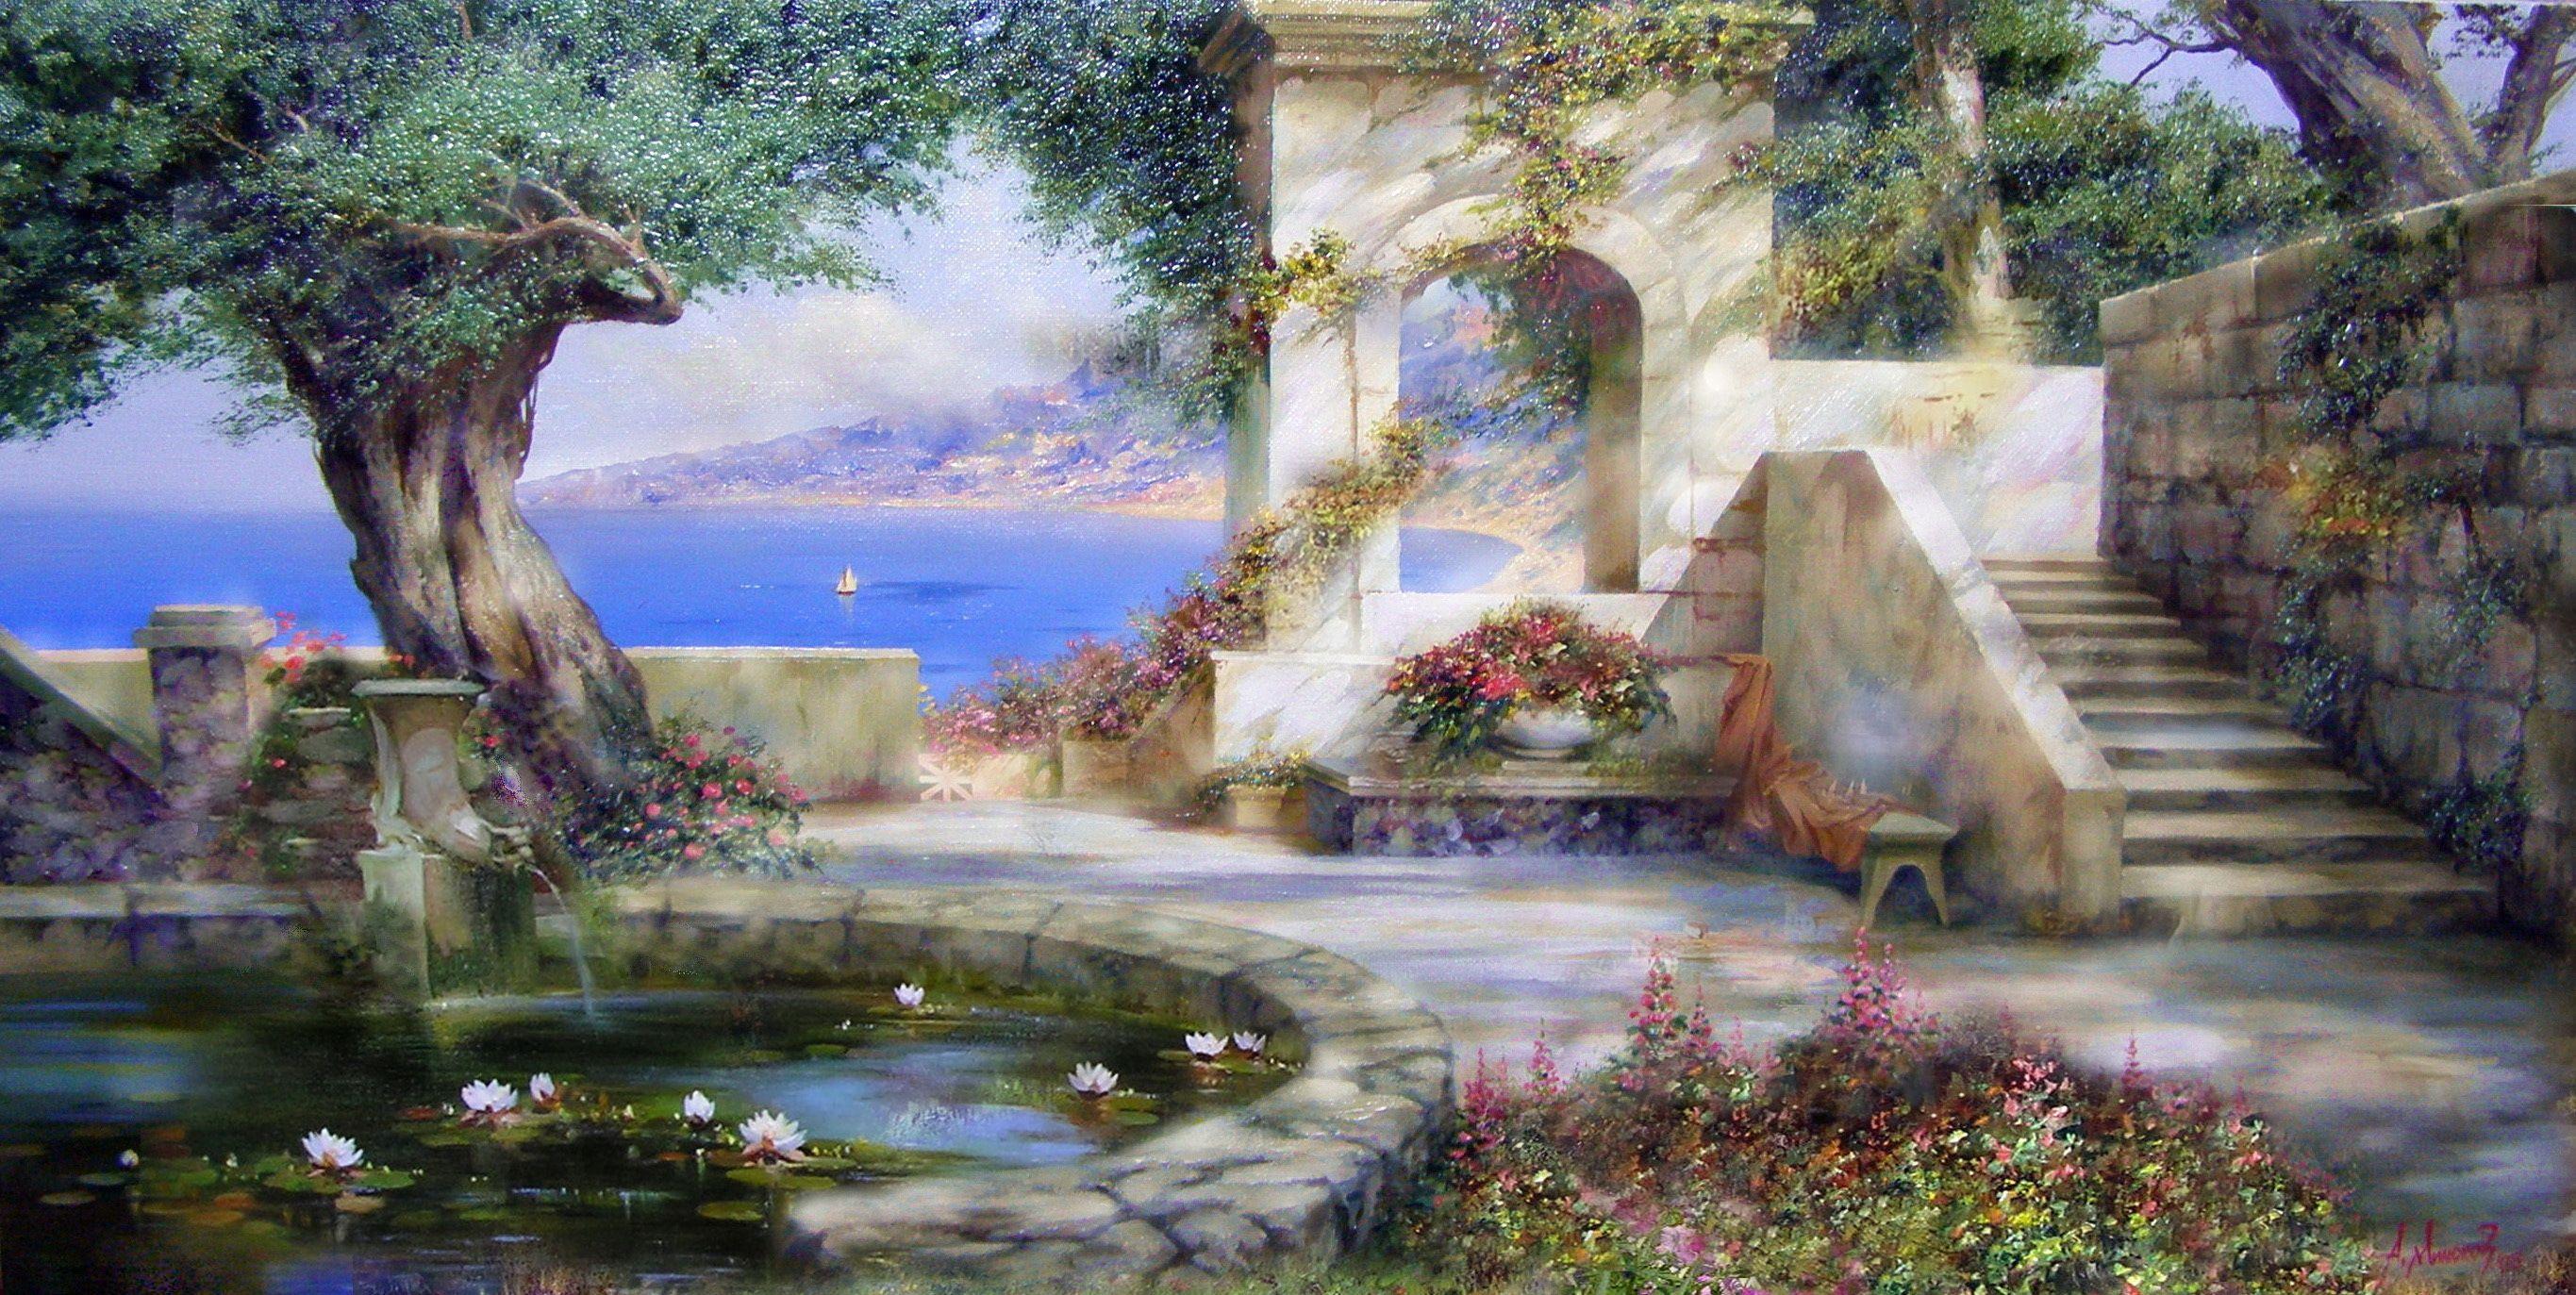 романтический фонтан скачать